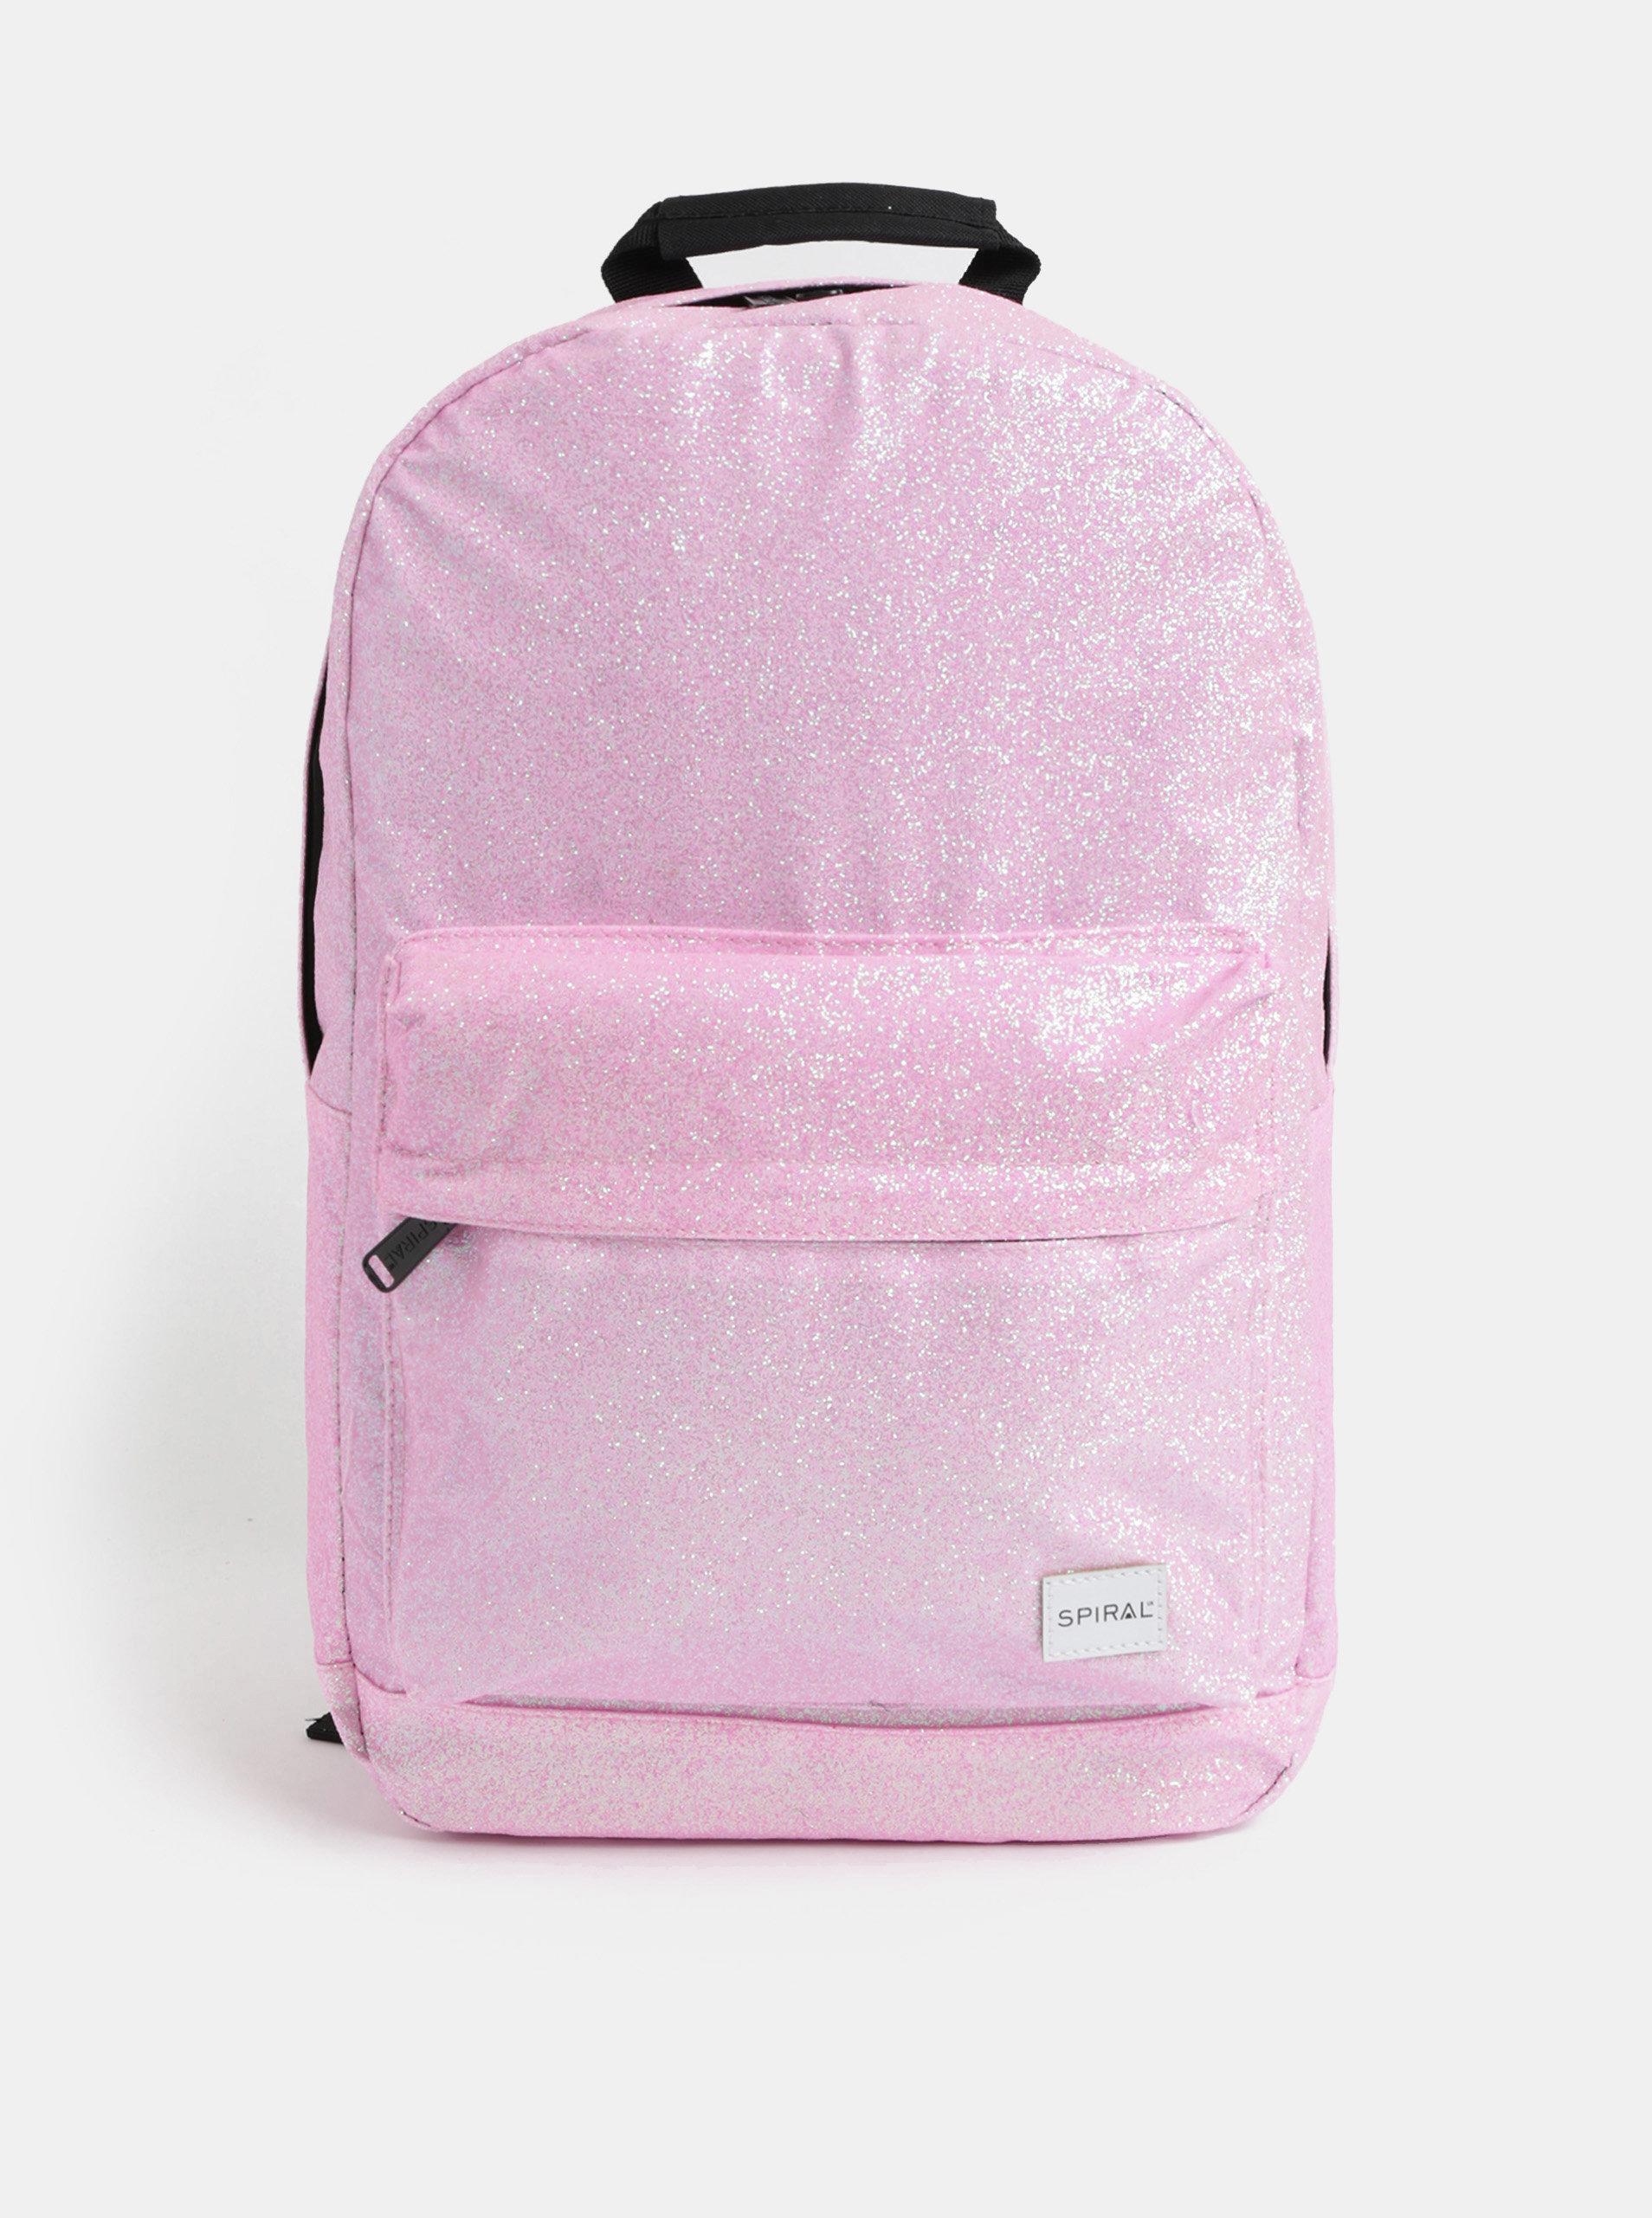 Růžový dámský třpytivý batoh Spiral Core 18 l ... 3290afe031